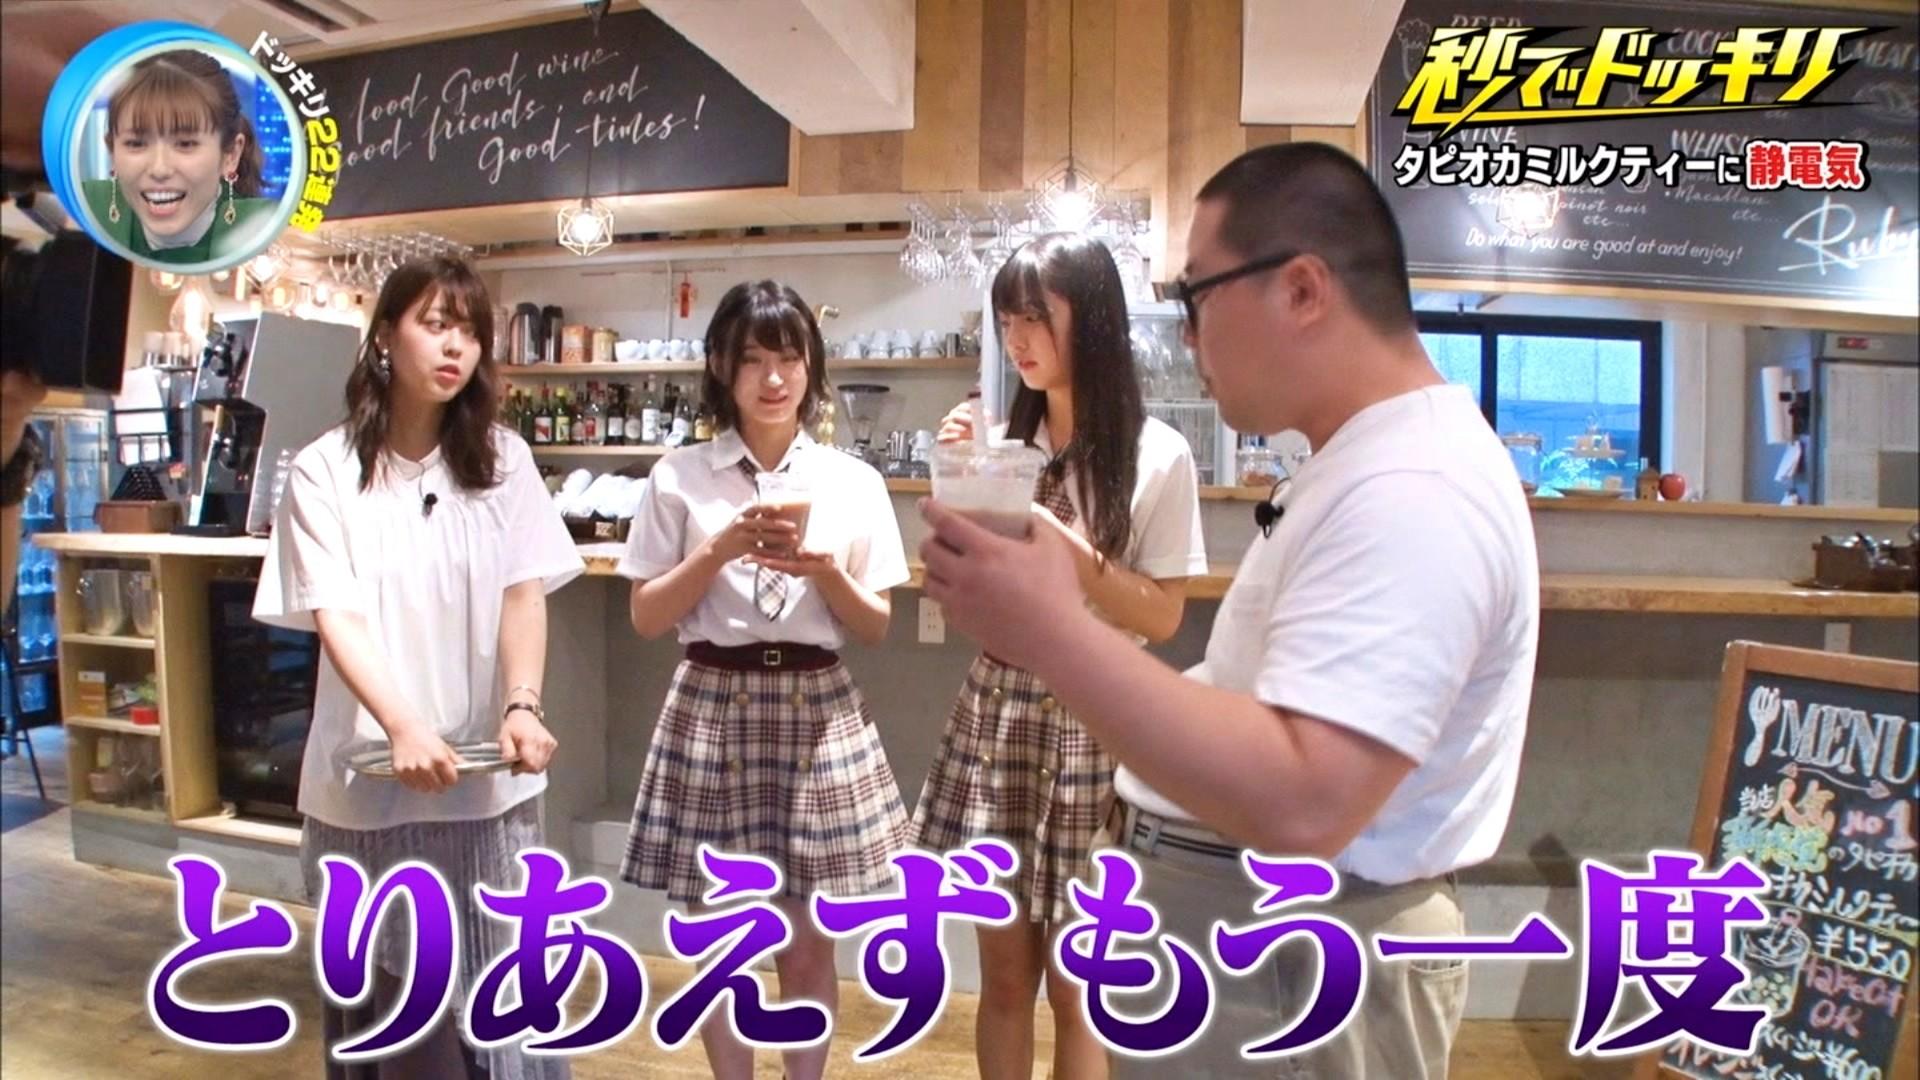 2019年11月30日にフジテレビ系列でほうそうされた「芸能人が本気で考えた!ドッキリGP」に出演したNMB48上西怜・大田莉央奈の画像-024